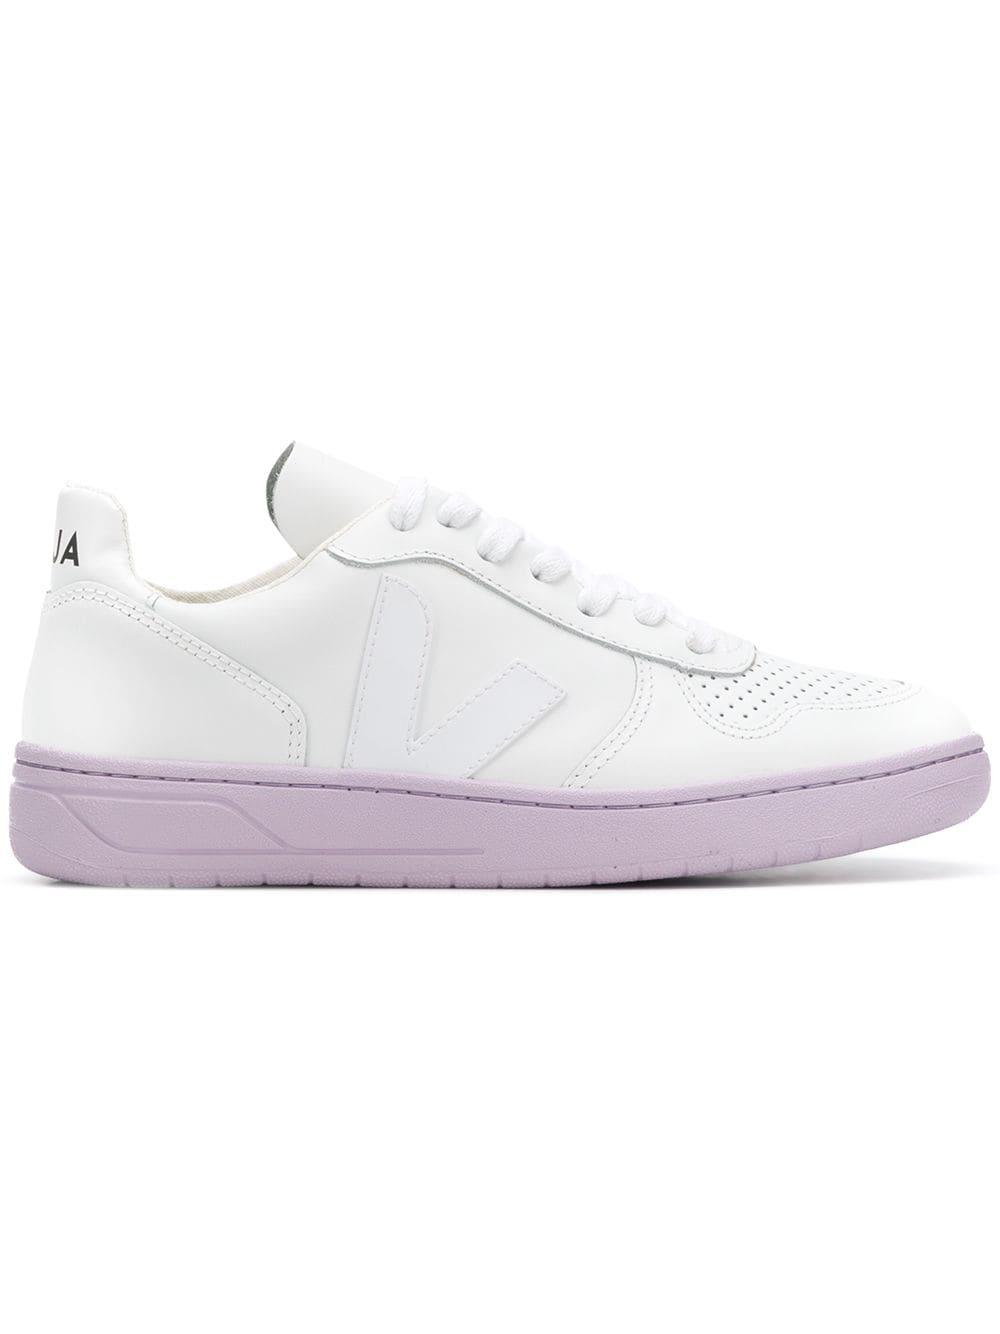 32ba72d69f8d25 Veja V-10 Low Top Sneakers In White